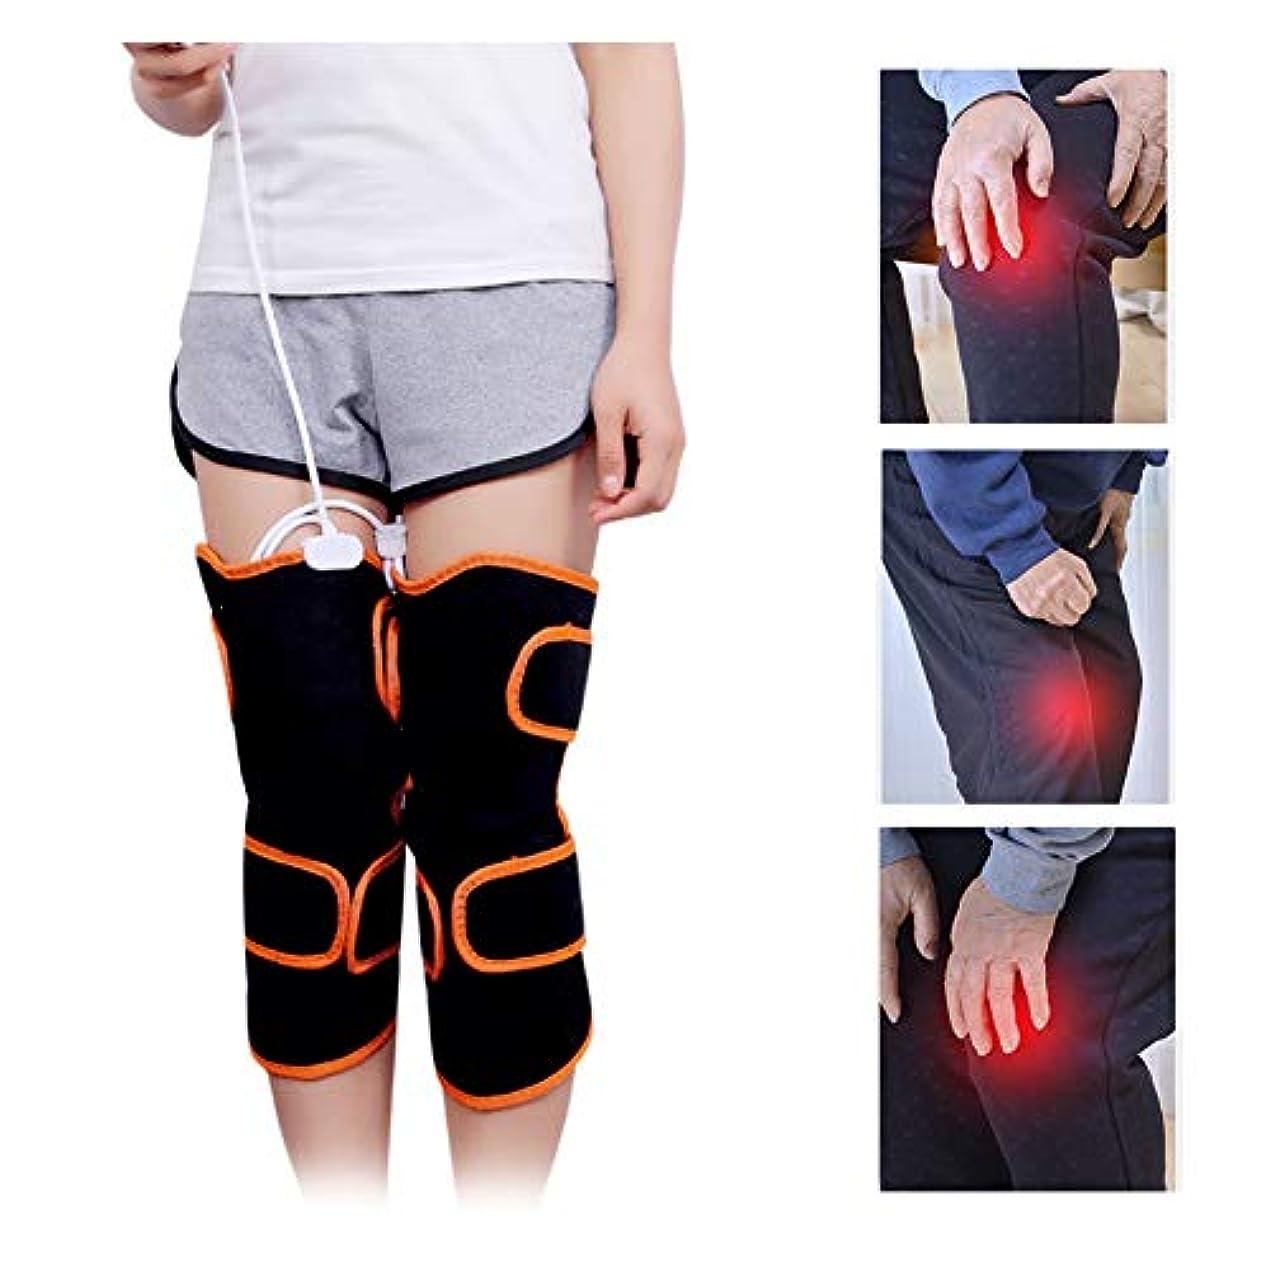 9種類のマッサージモードと5種類の速度の膝温熱パッド付き加熱膝装具-膝の怪我、痛みを軽減するセラピーラップマッサージャー